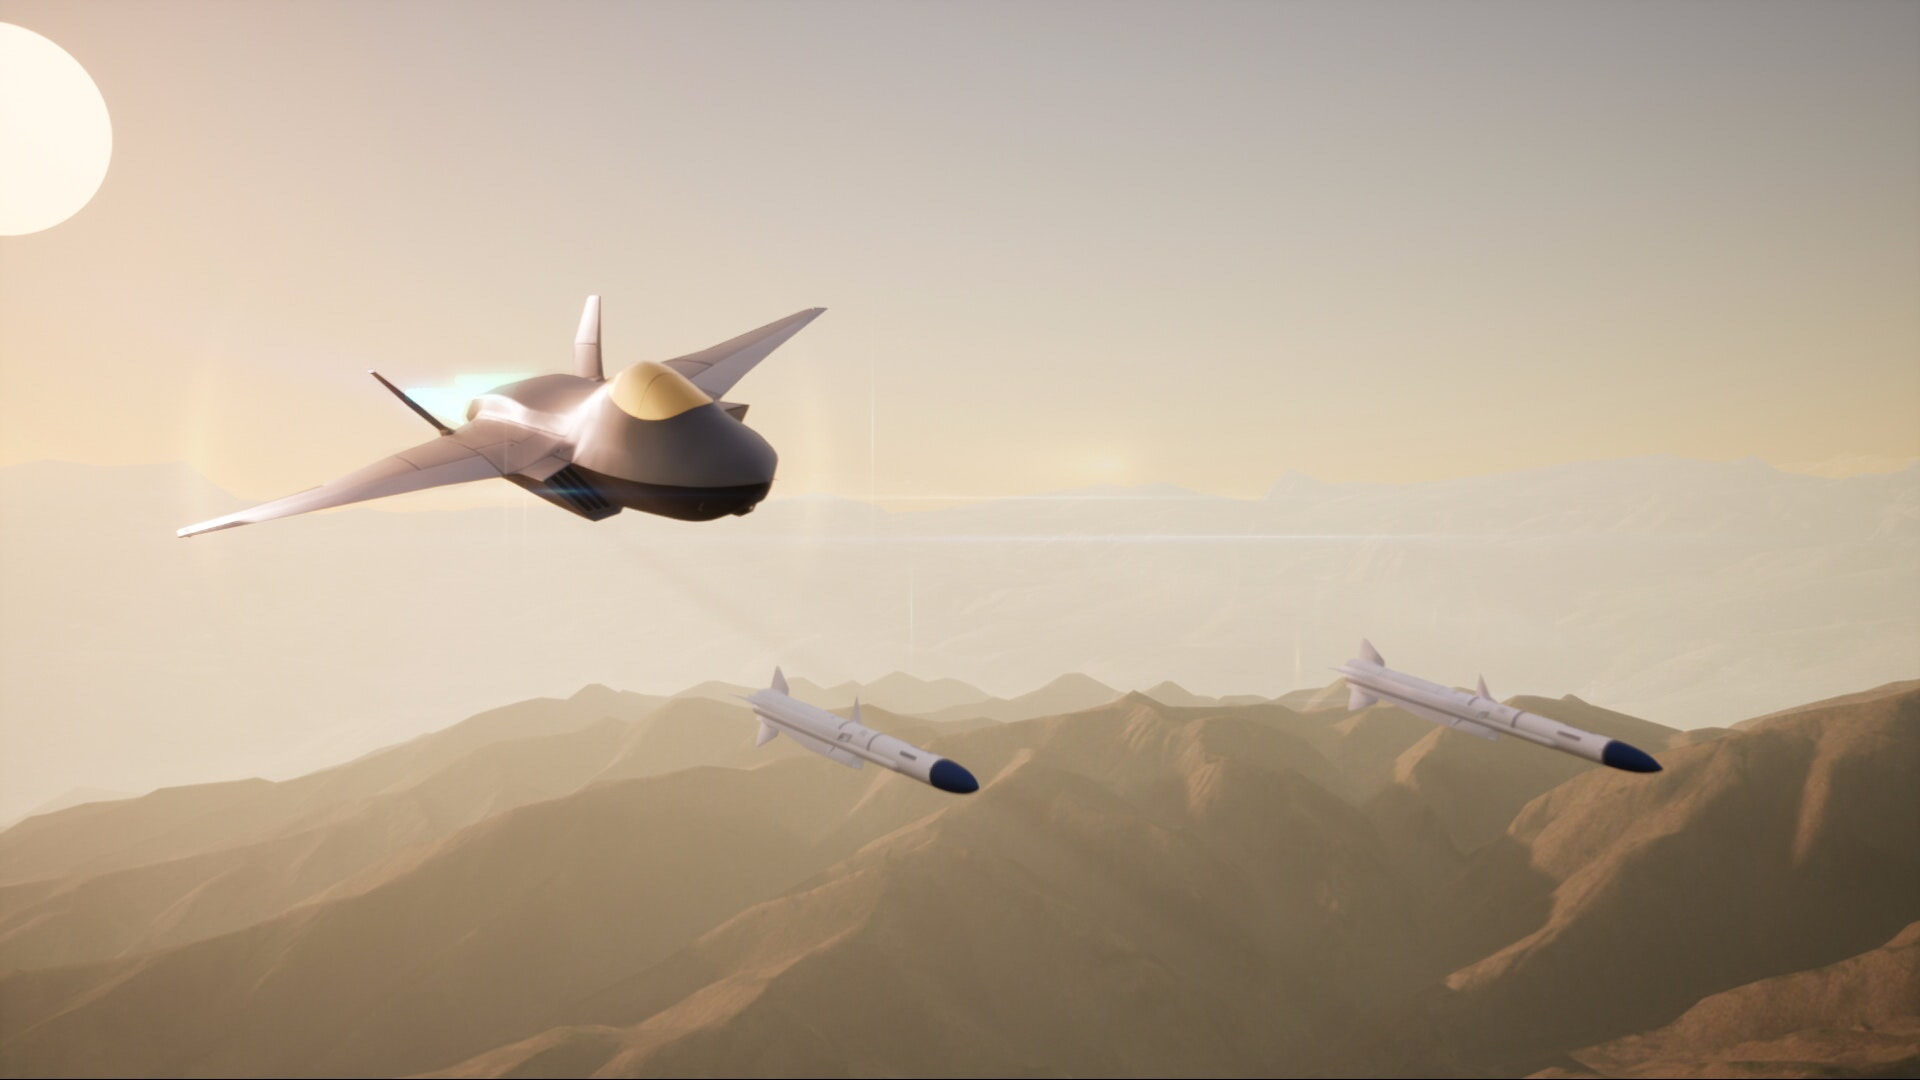 RS79887_Team-Tempest-Future-Combat-Air-System-concept-3